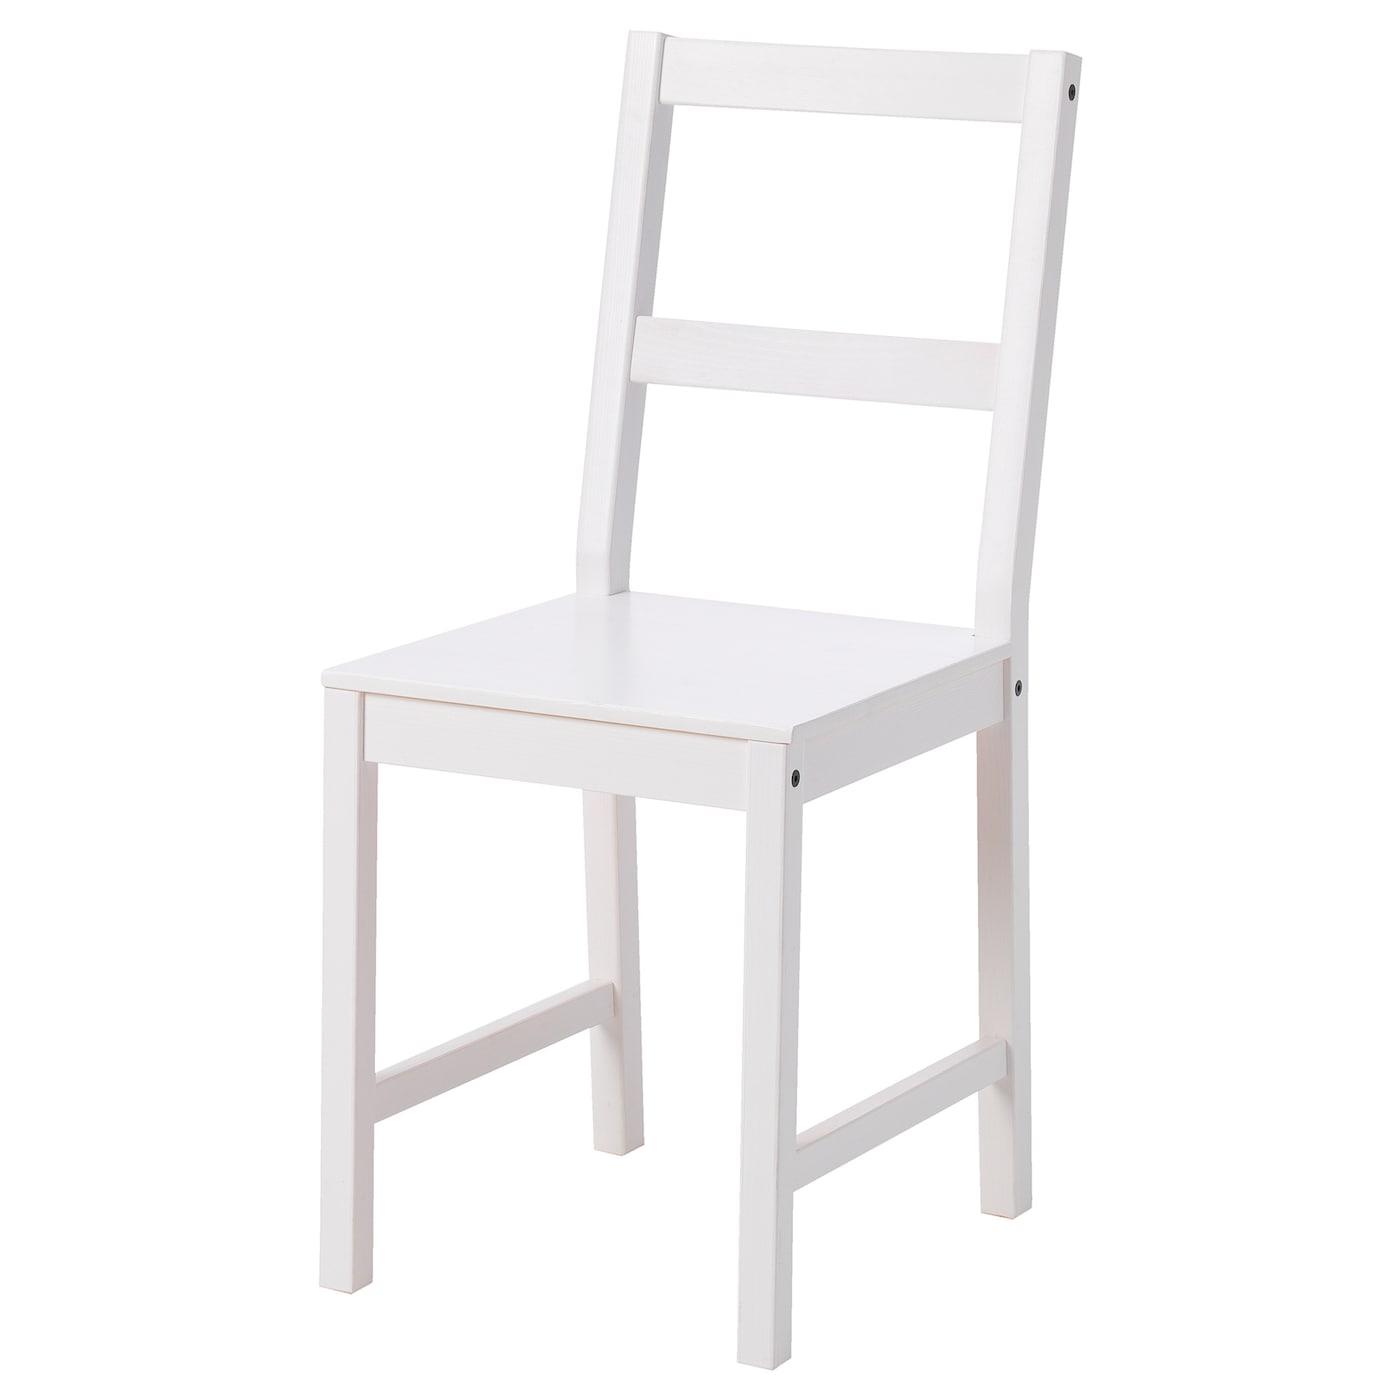 IKEA DANHULT Chair